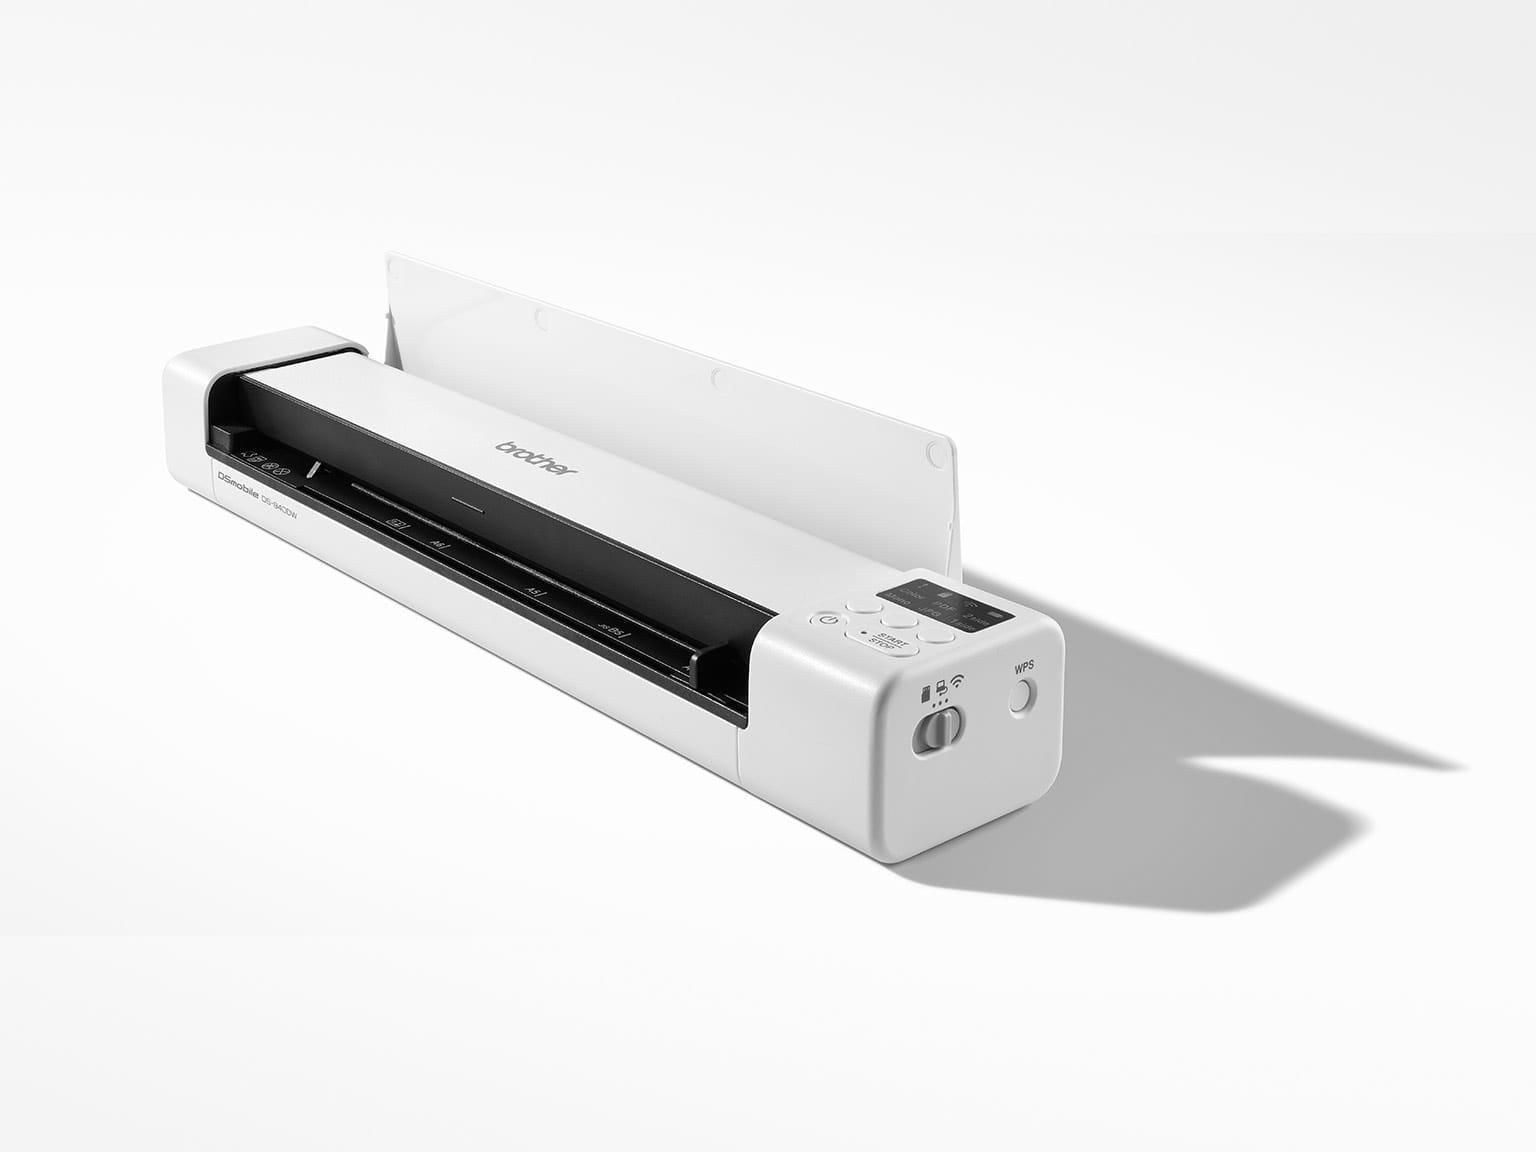 DS-940W imagine produs